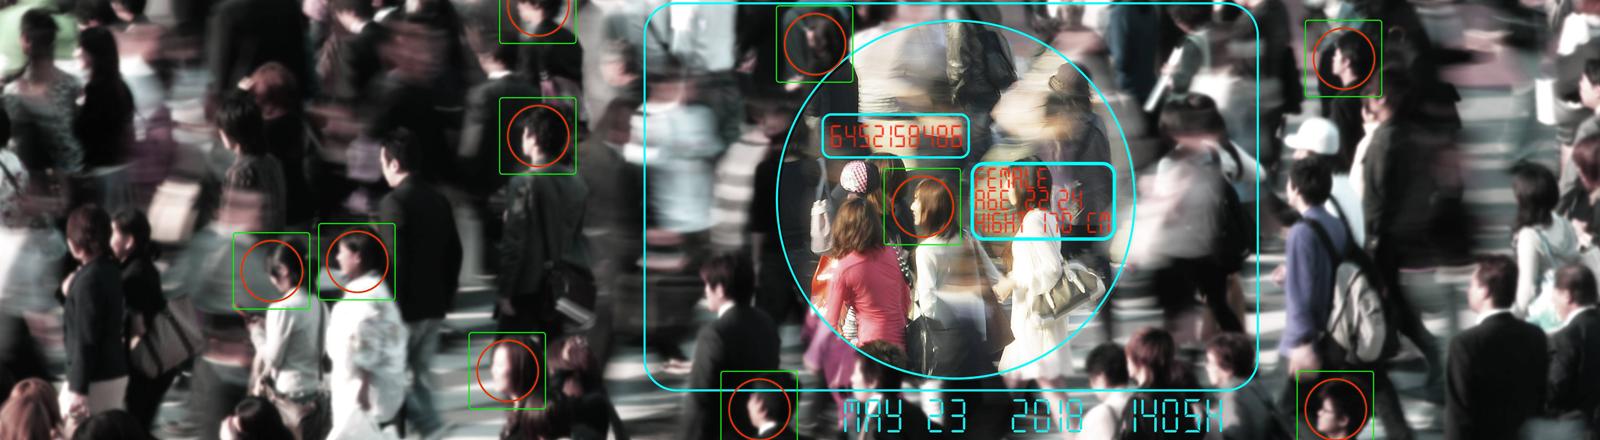 Ein Bild aus einer Überwachungskamera mit Gesichtserkennungsmarkierungen